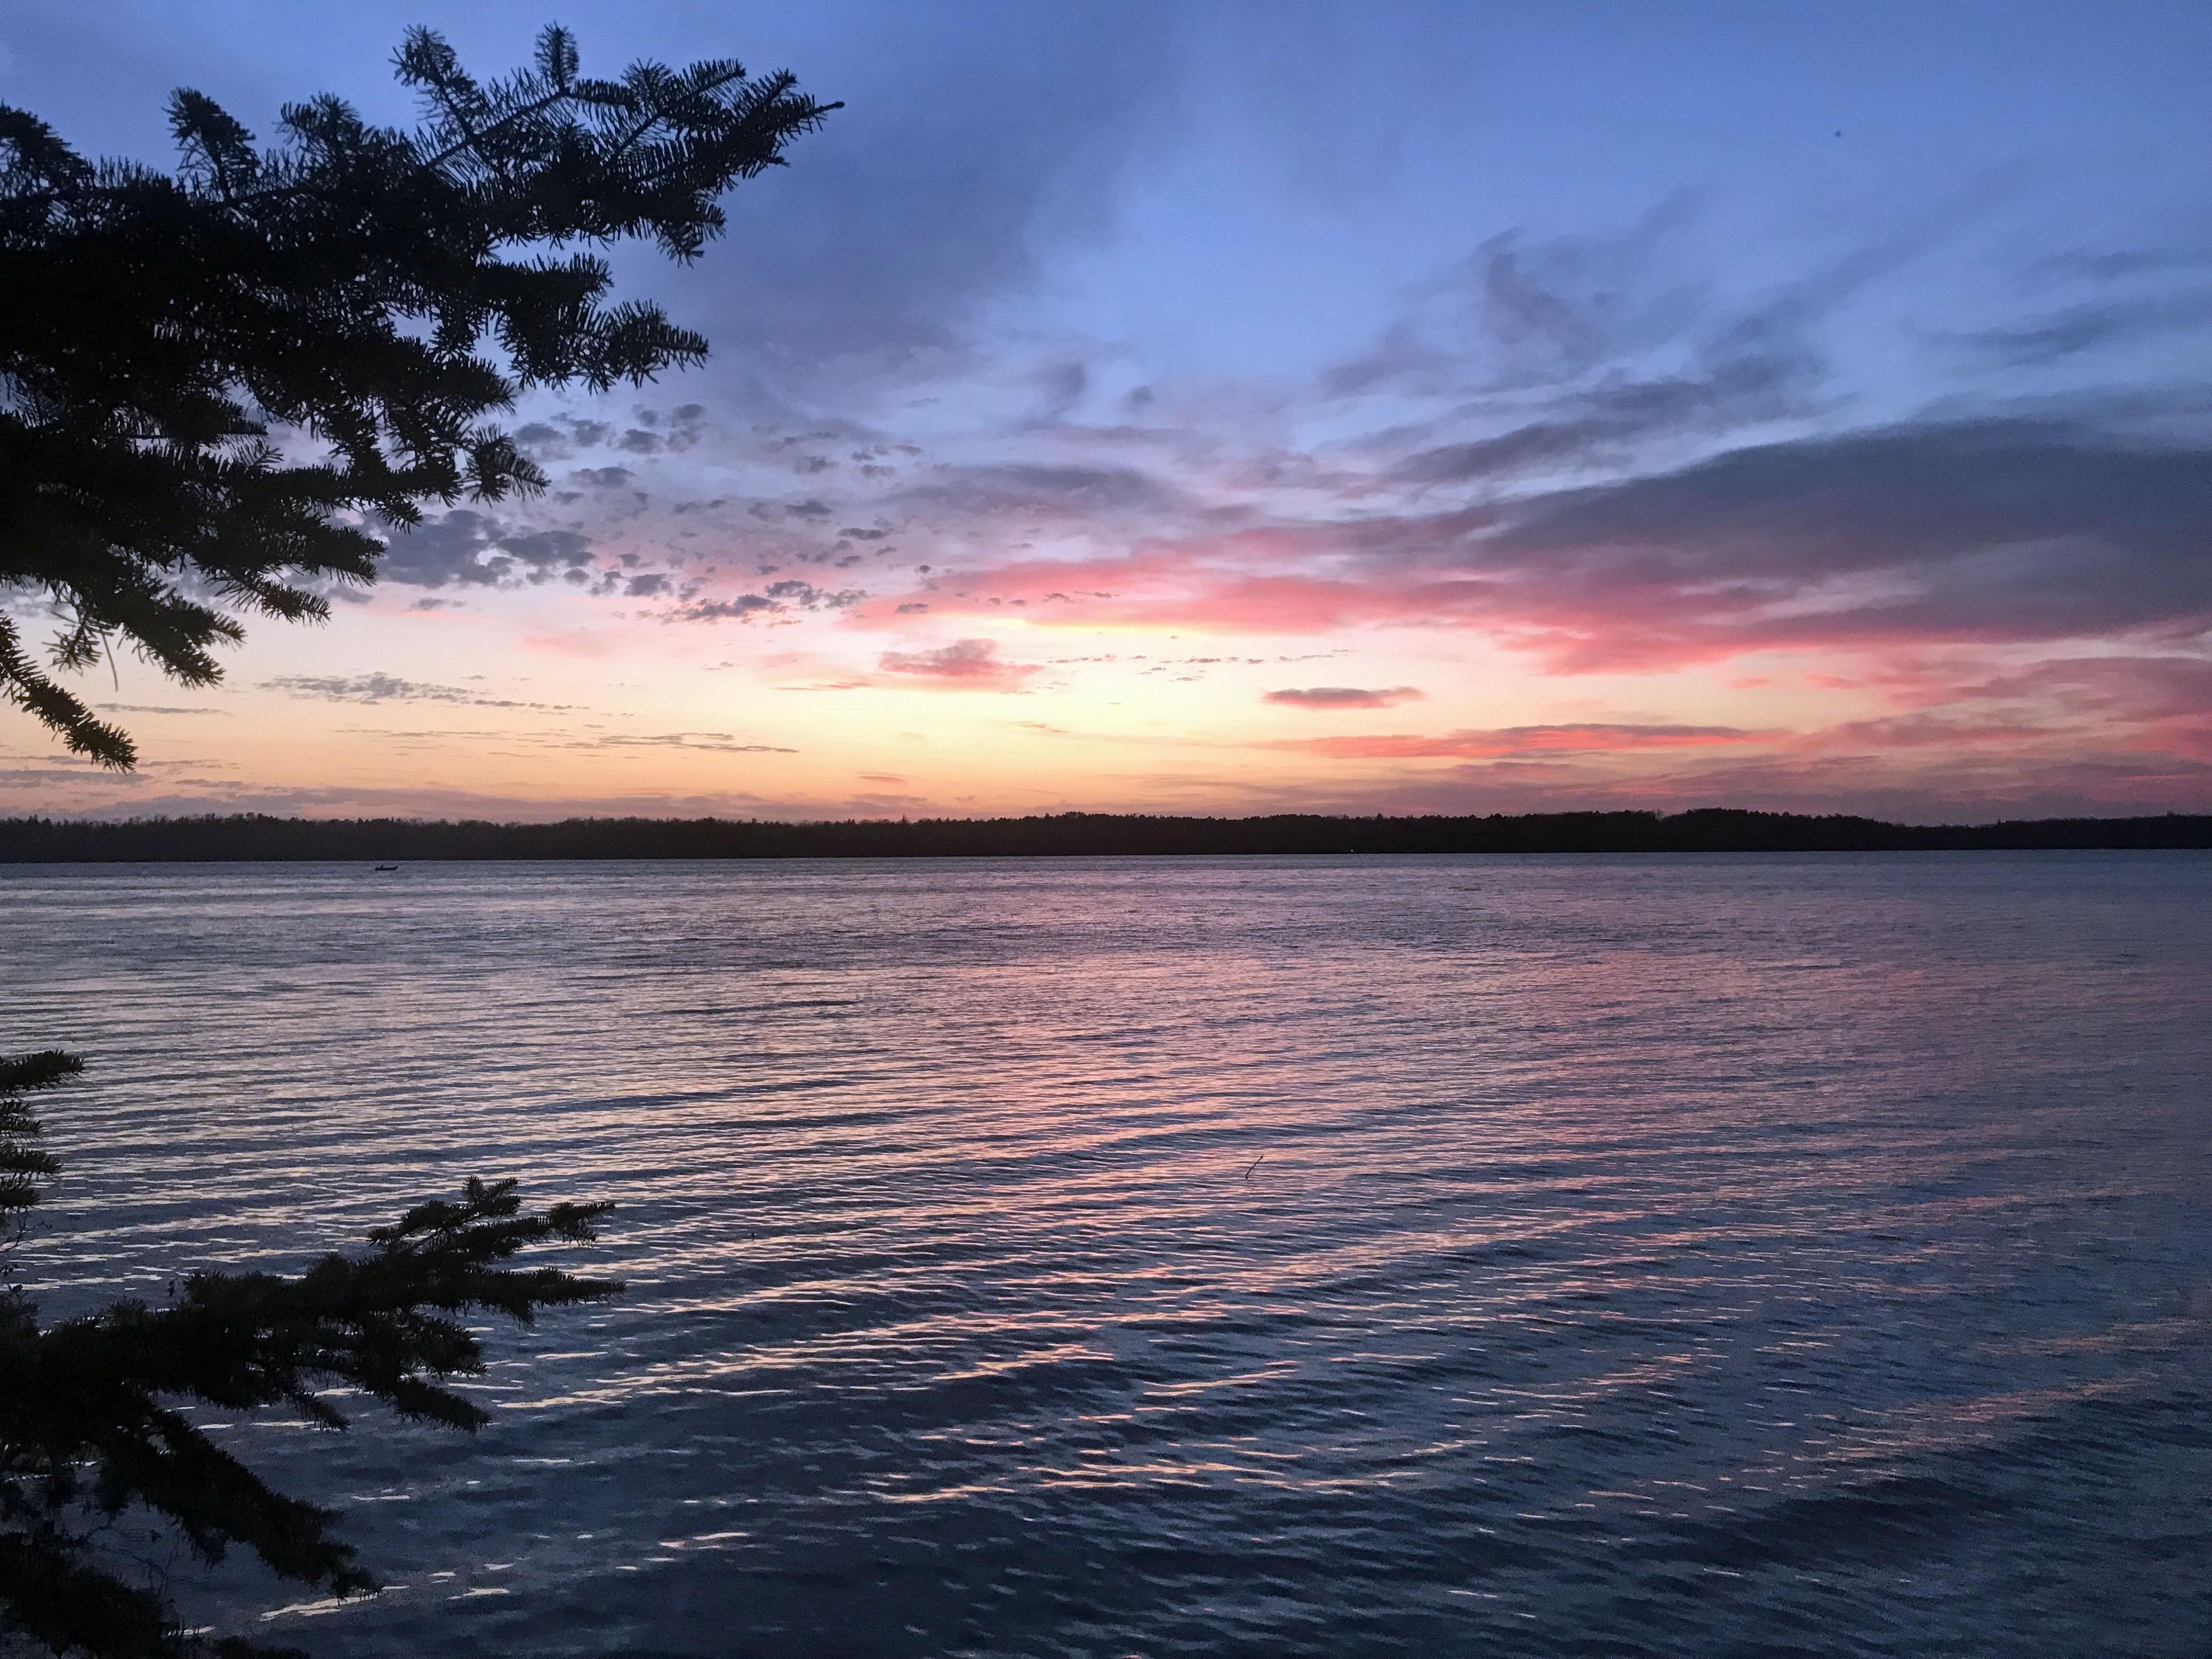 Wabana Lake Sunset #3